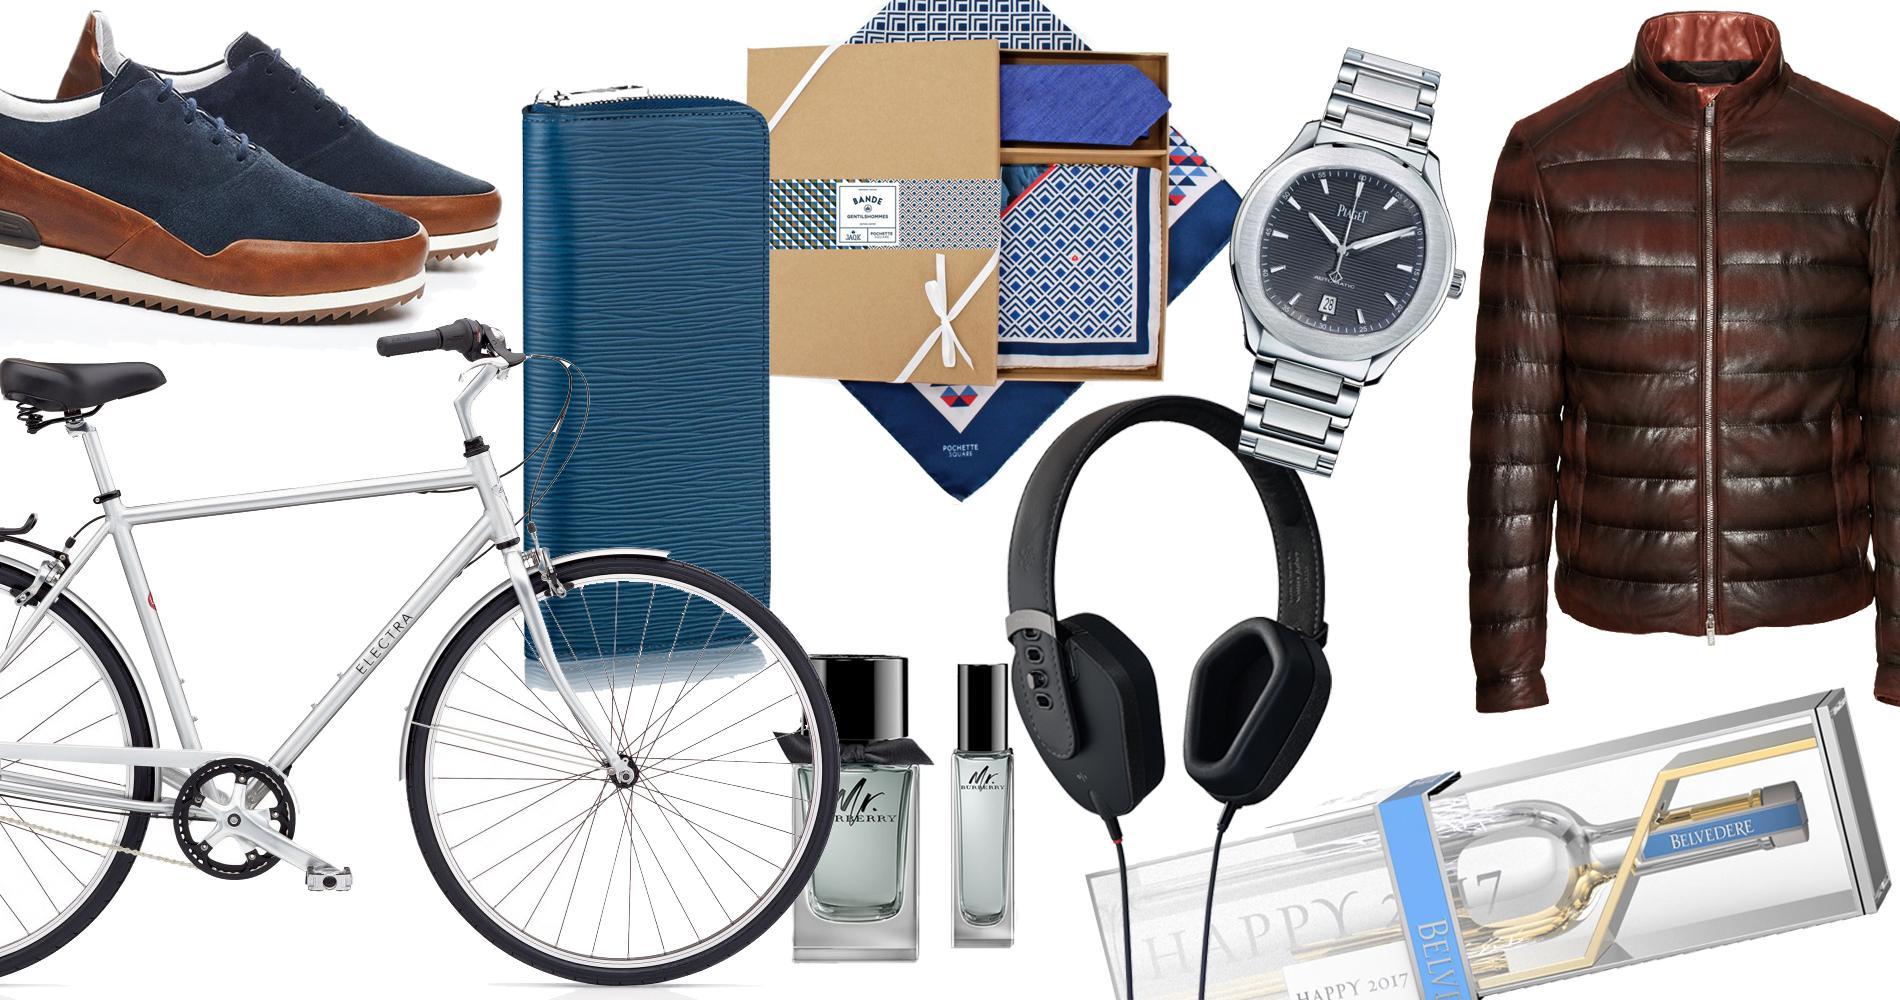 id e cadeau trouver un cadeau pour un homme ce n est pas si simple magazine ravage. Black Bedroom Furniture Sets. Home Design Ideas